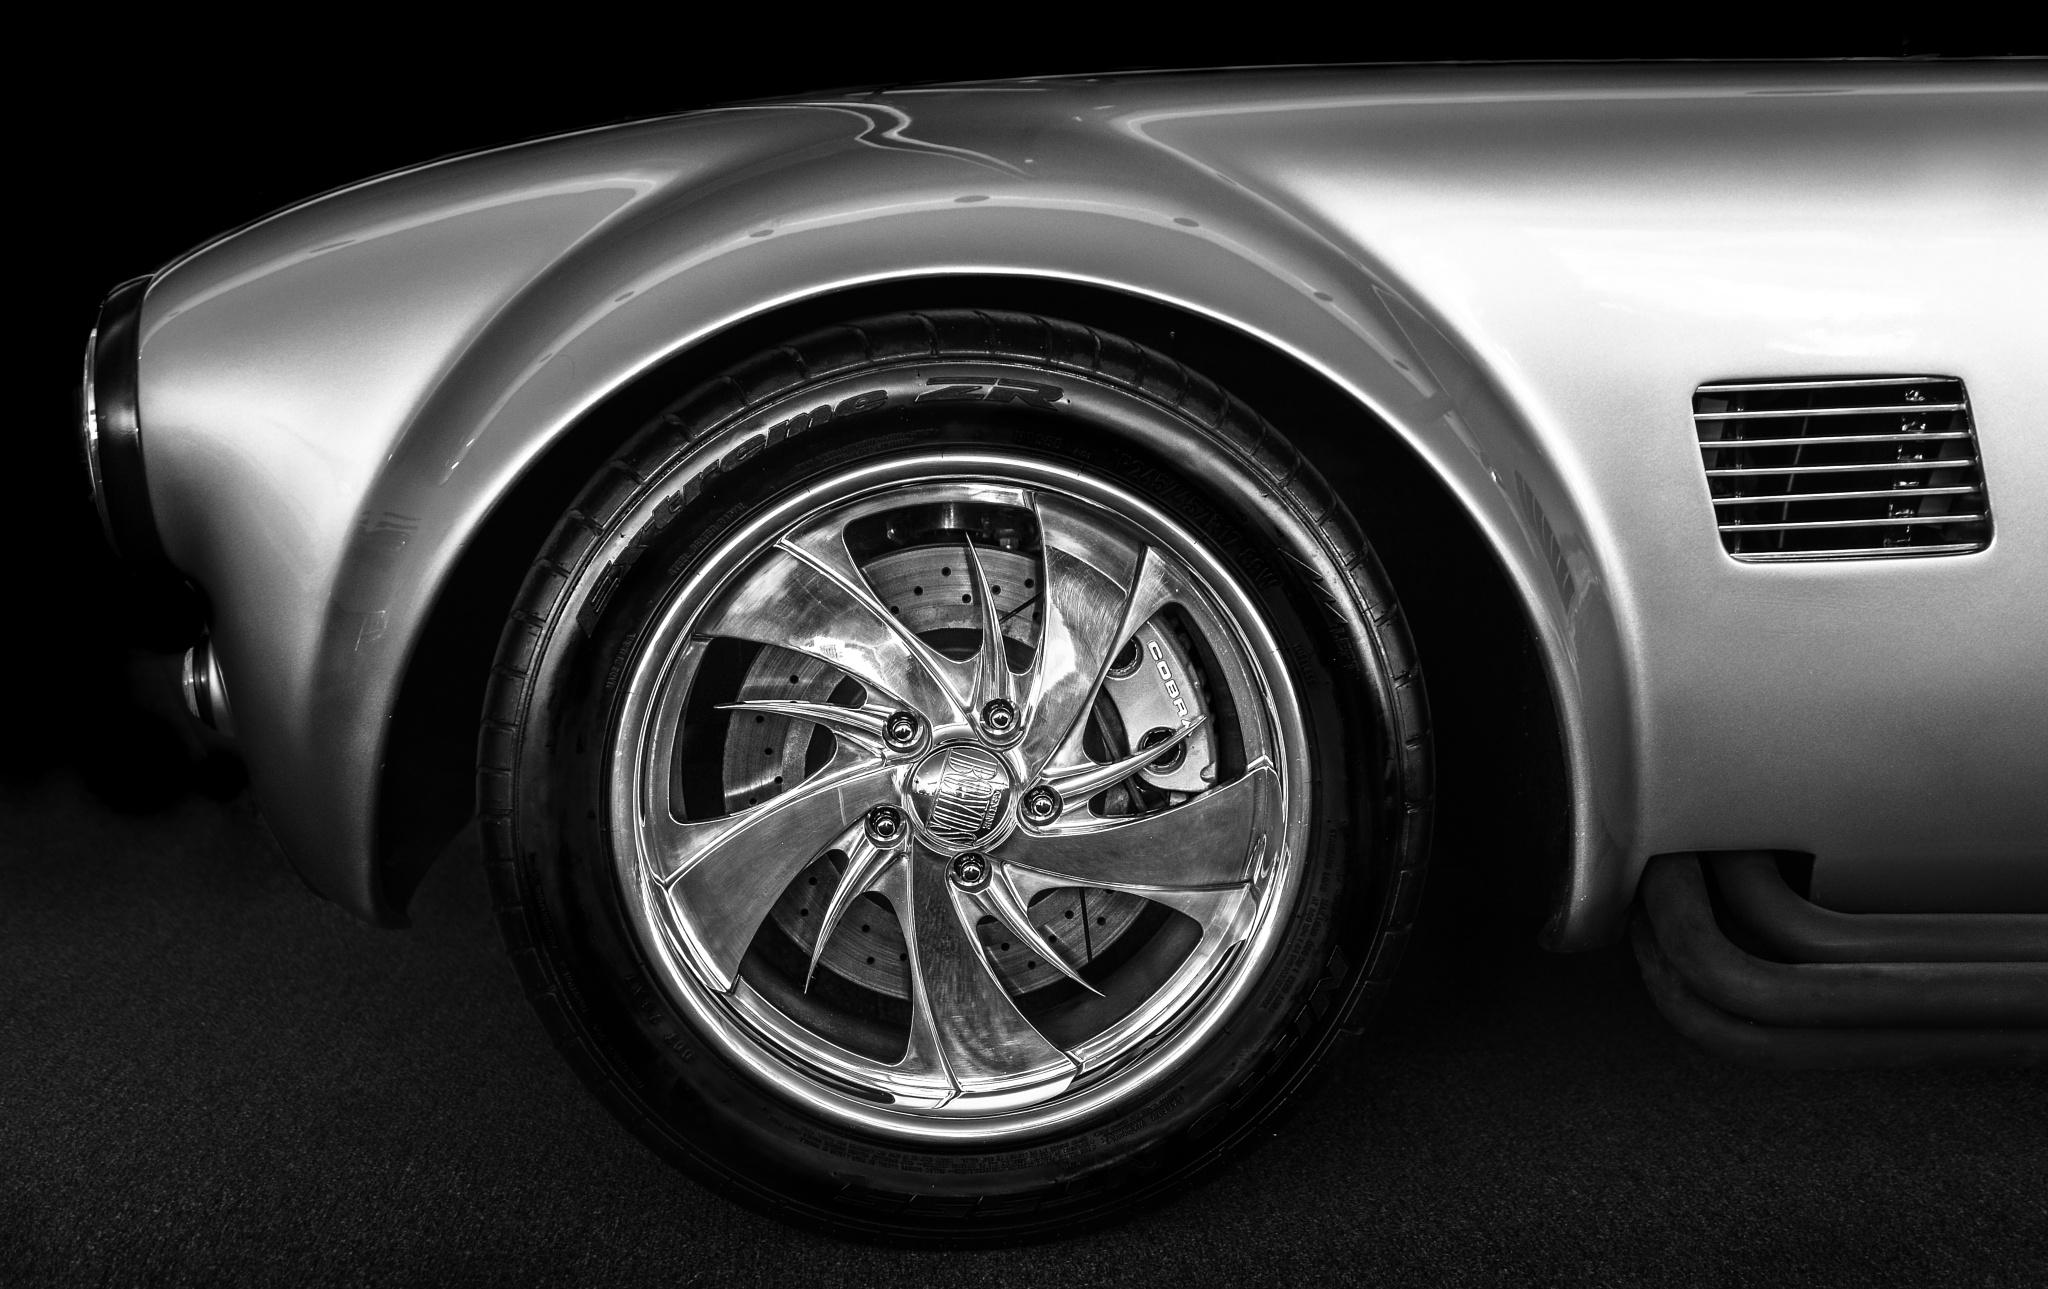 Vintage Shelby Cobra by Chandler L. Walker